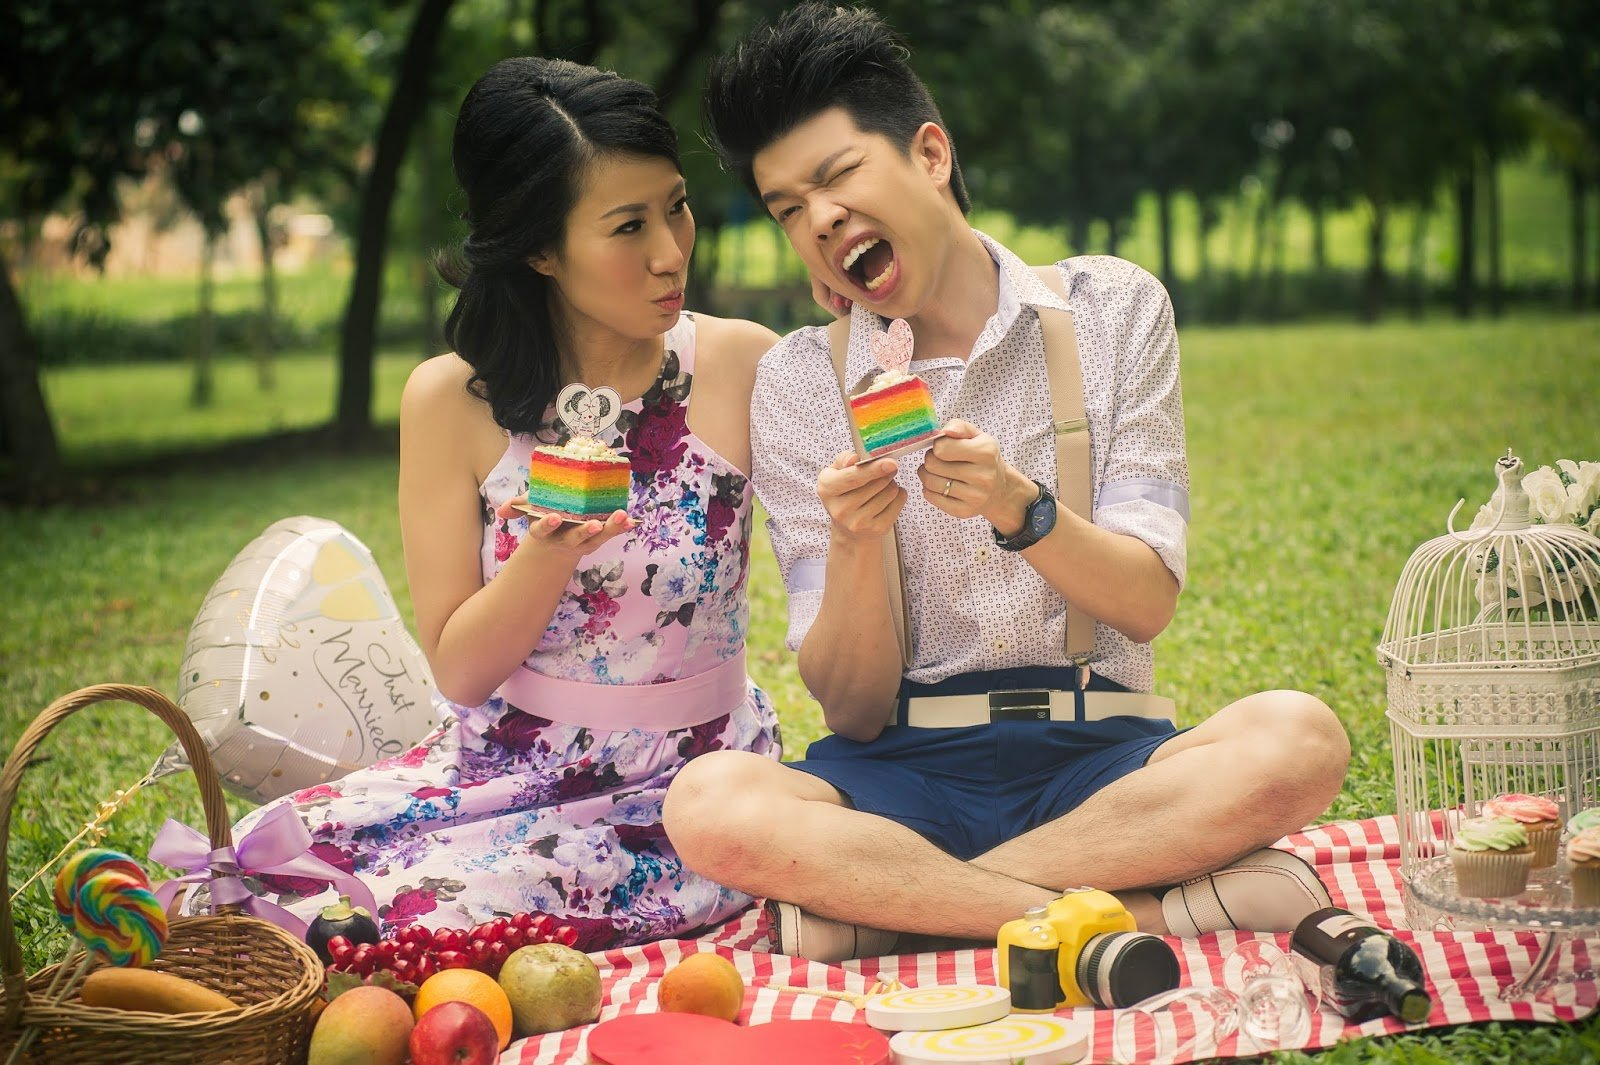 Ajak pacar piknik deh coba!